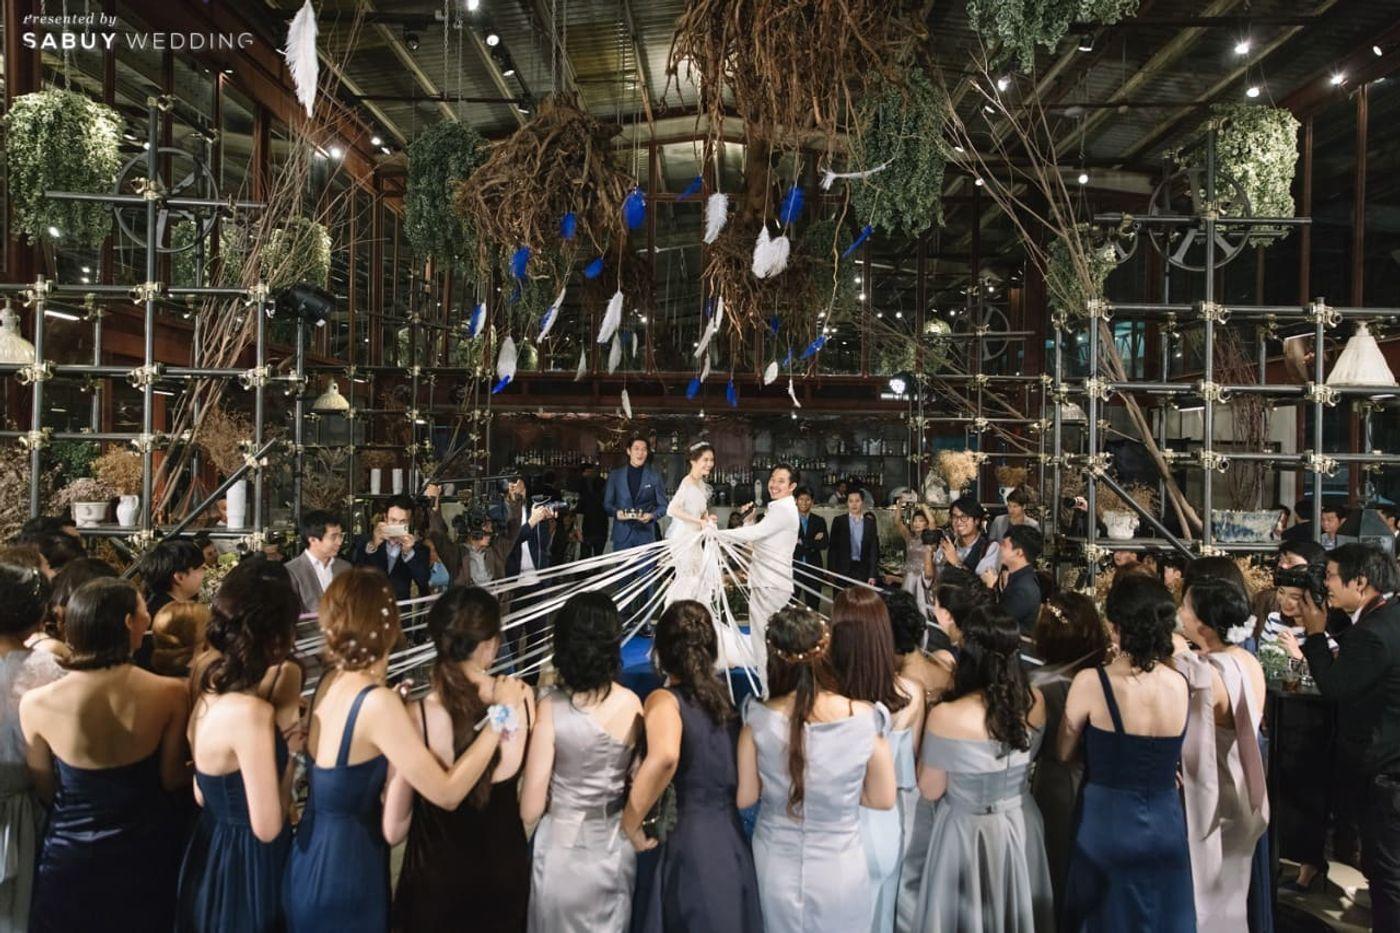 พิธีแต่งงาน,บ่าวสาว,เพื่อนเจ้าสาว,จับริบบิ้นดอกไม้,ตกแต่งงานแต่ง,สถานที่แต่งงาน,สถานที่จัดงานแต่งงาน,ธีมงานแต่ง รีวิวงานแต่งโรแมนติกแฟนตาซี ที่ได้แรงบันดาลใจจาก Harry Potter! @Vivarium by Chef Ministry